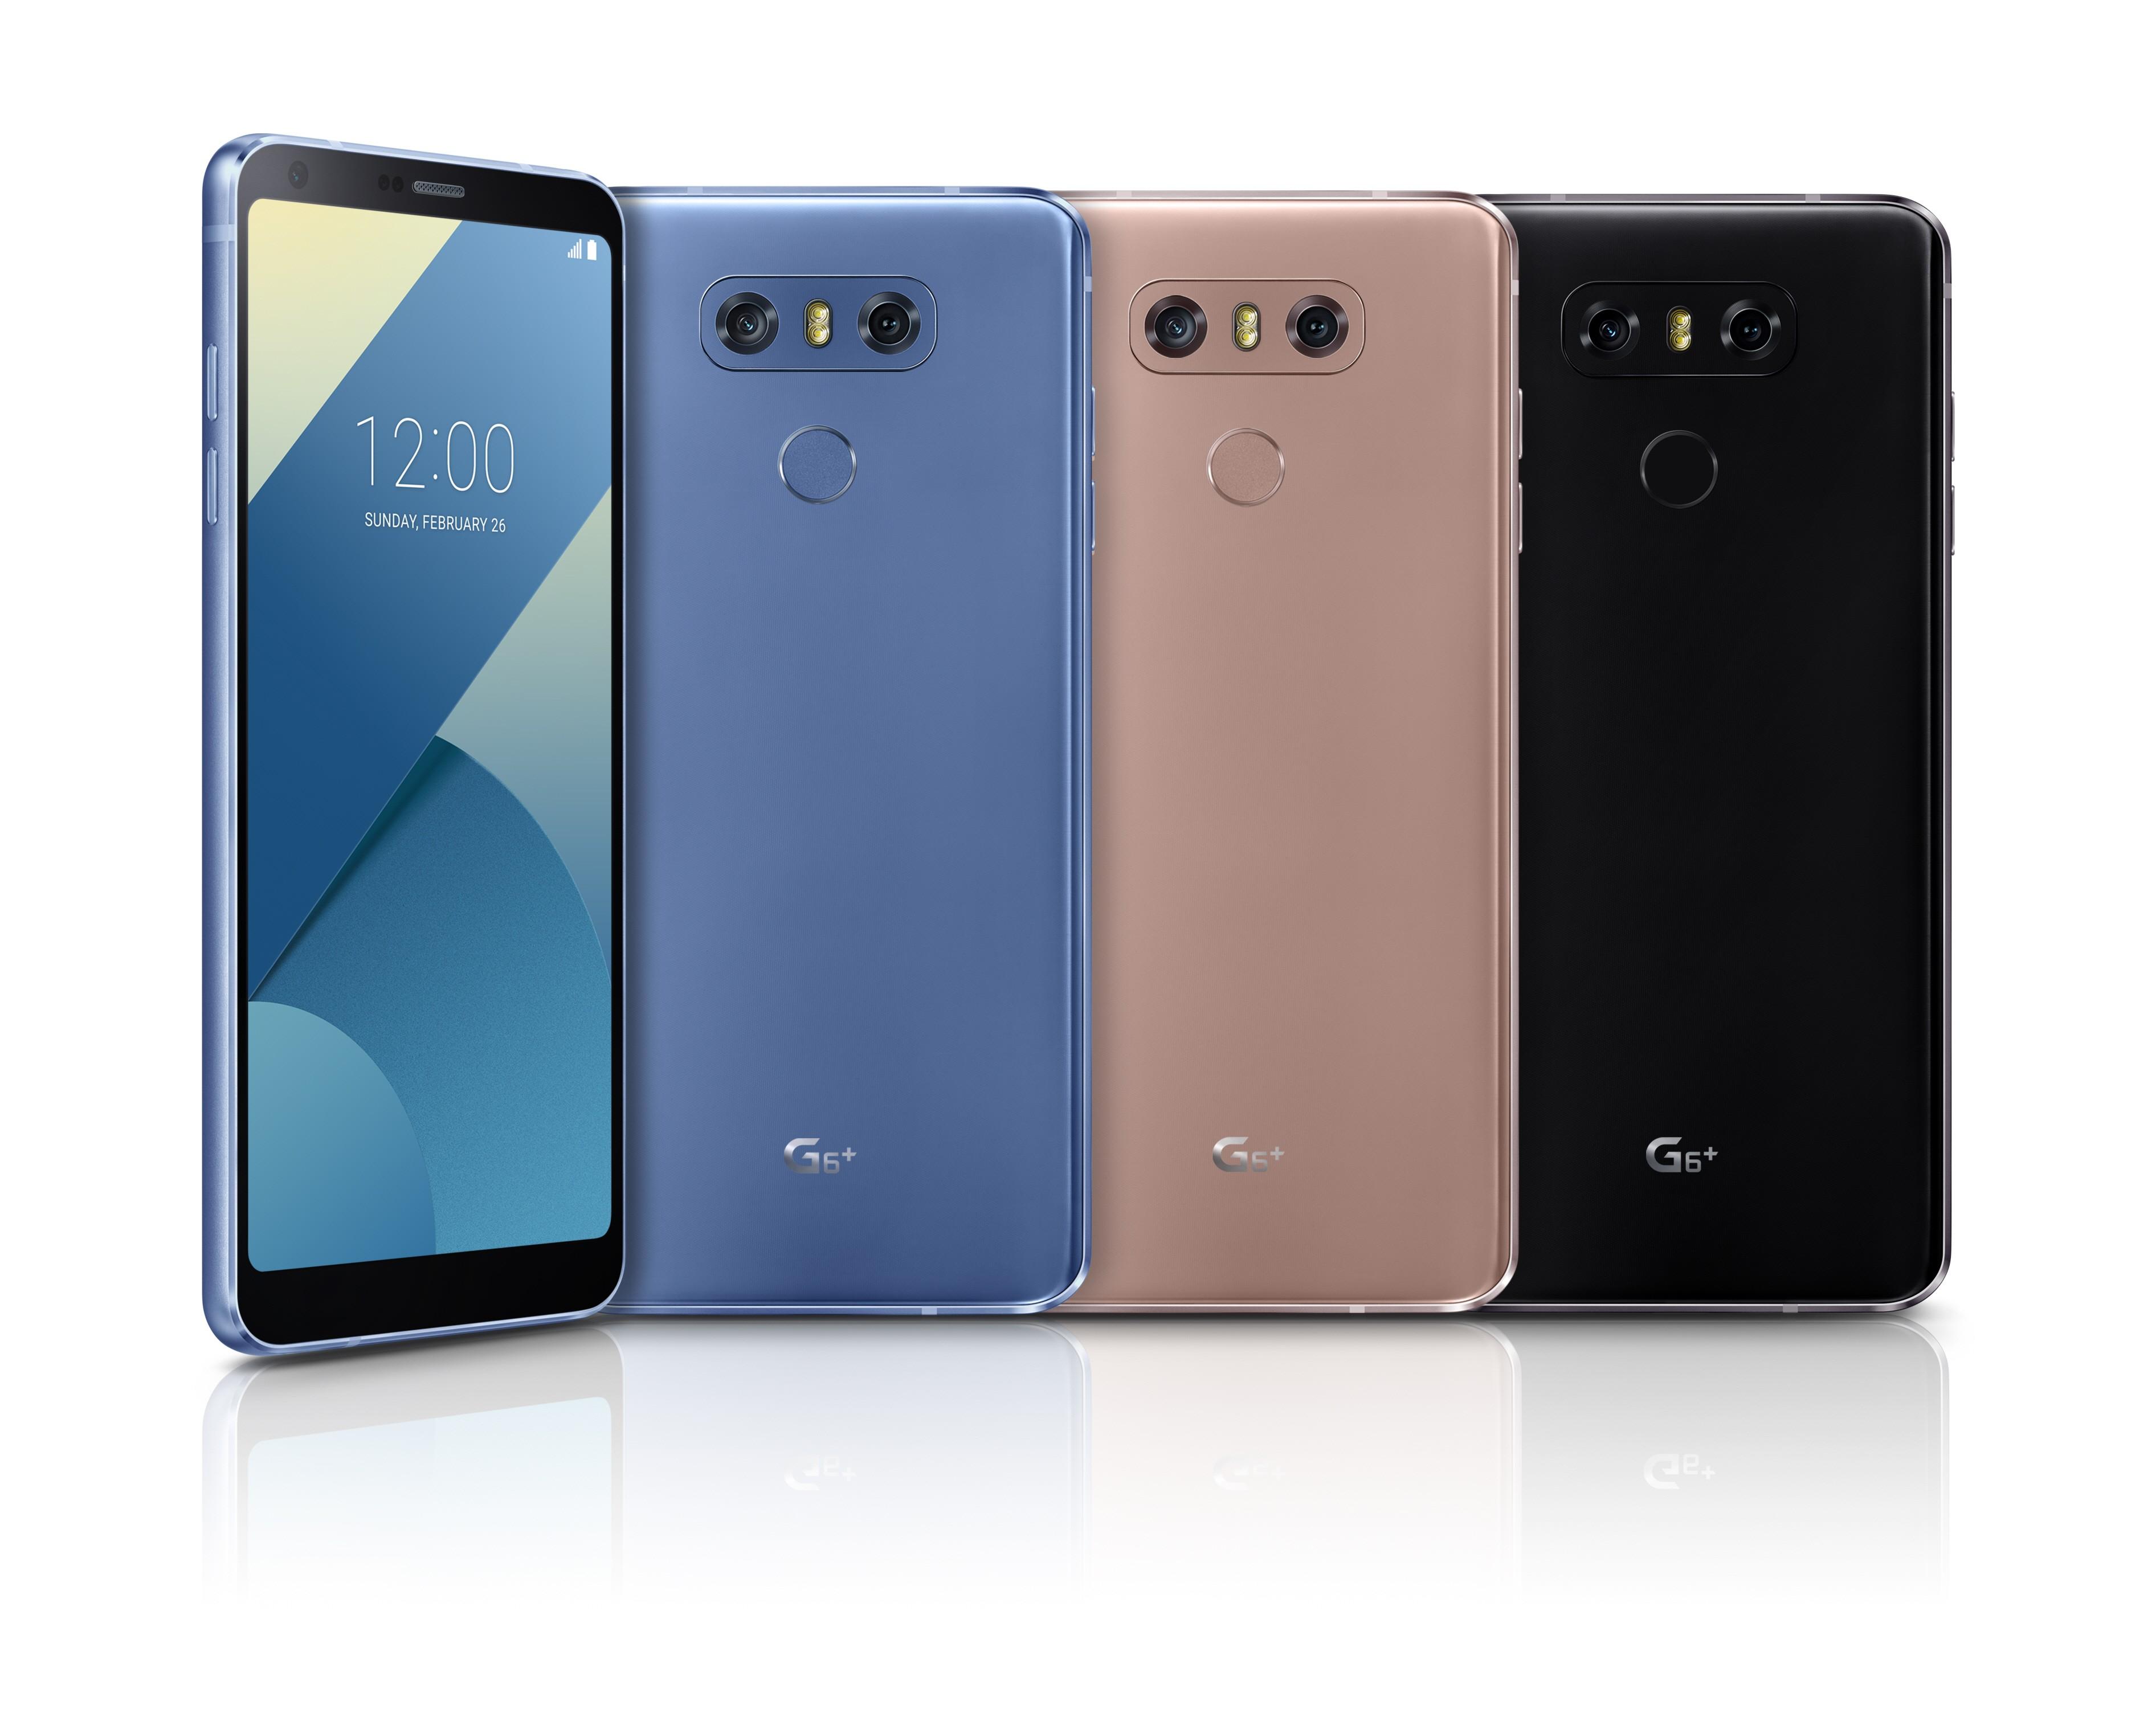 """الجی تواناییهای گوشی G6 را باقابلیتهای جدید نسخه """"PLUS"""" گسترش خواهد داد"""